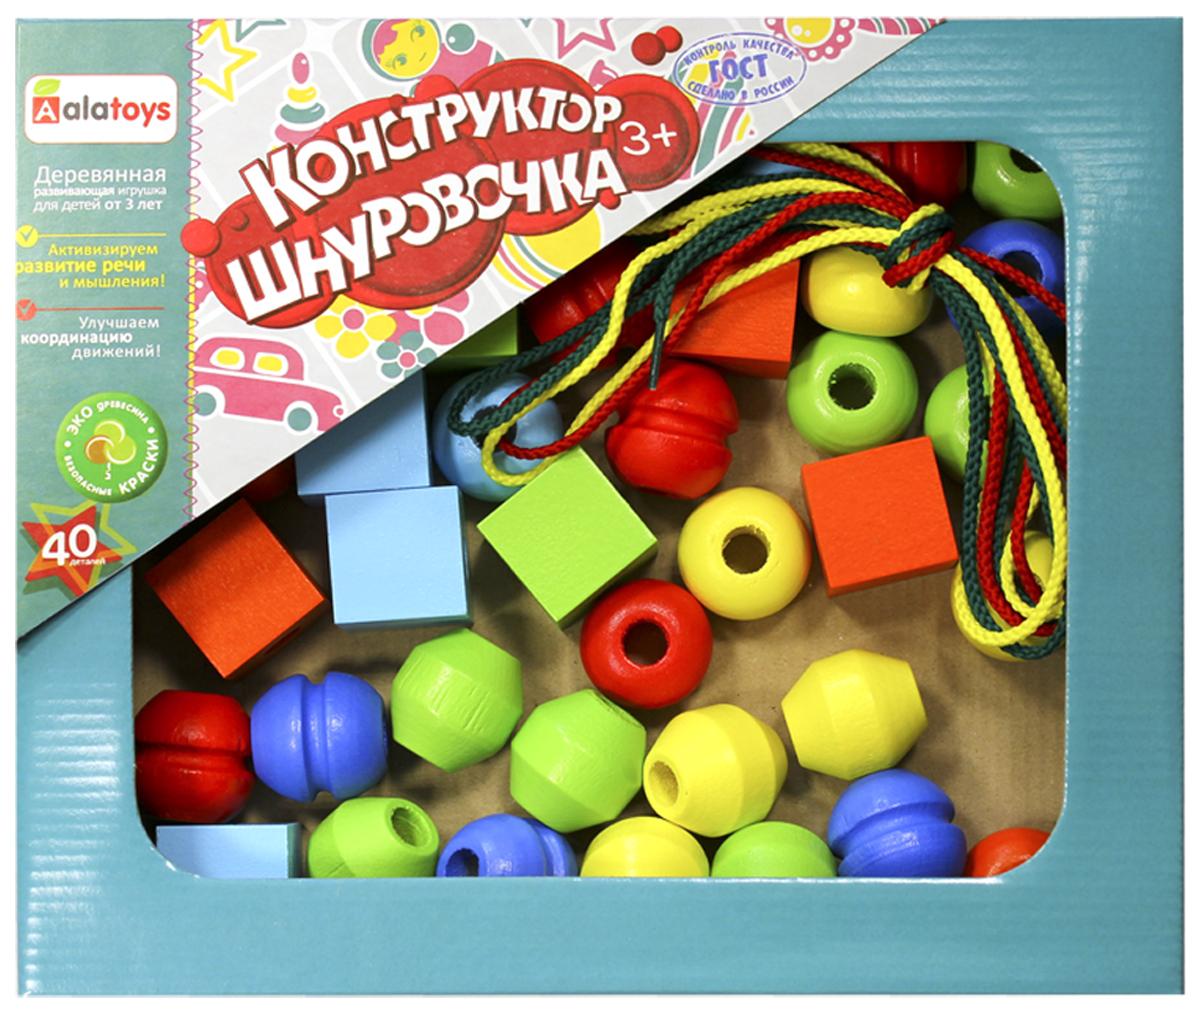 Купить Игровой набор ALATOYS КШН4001 Шнуровочка (40 дет), Дерево (береза), акриловые краски, шнурки, Для мальчиков и девочек, Россия, Шнуровки для малышей